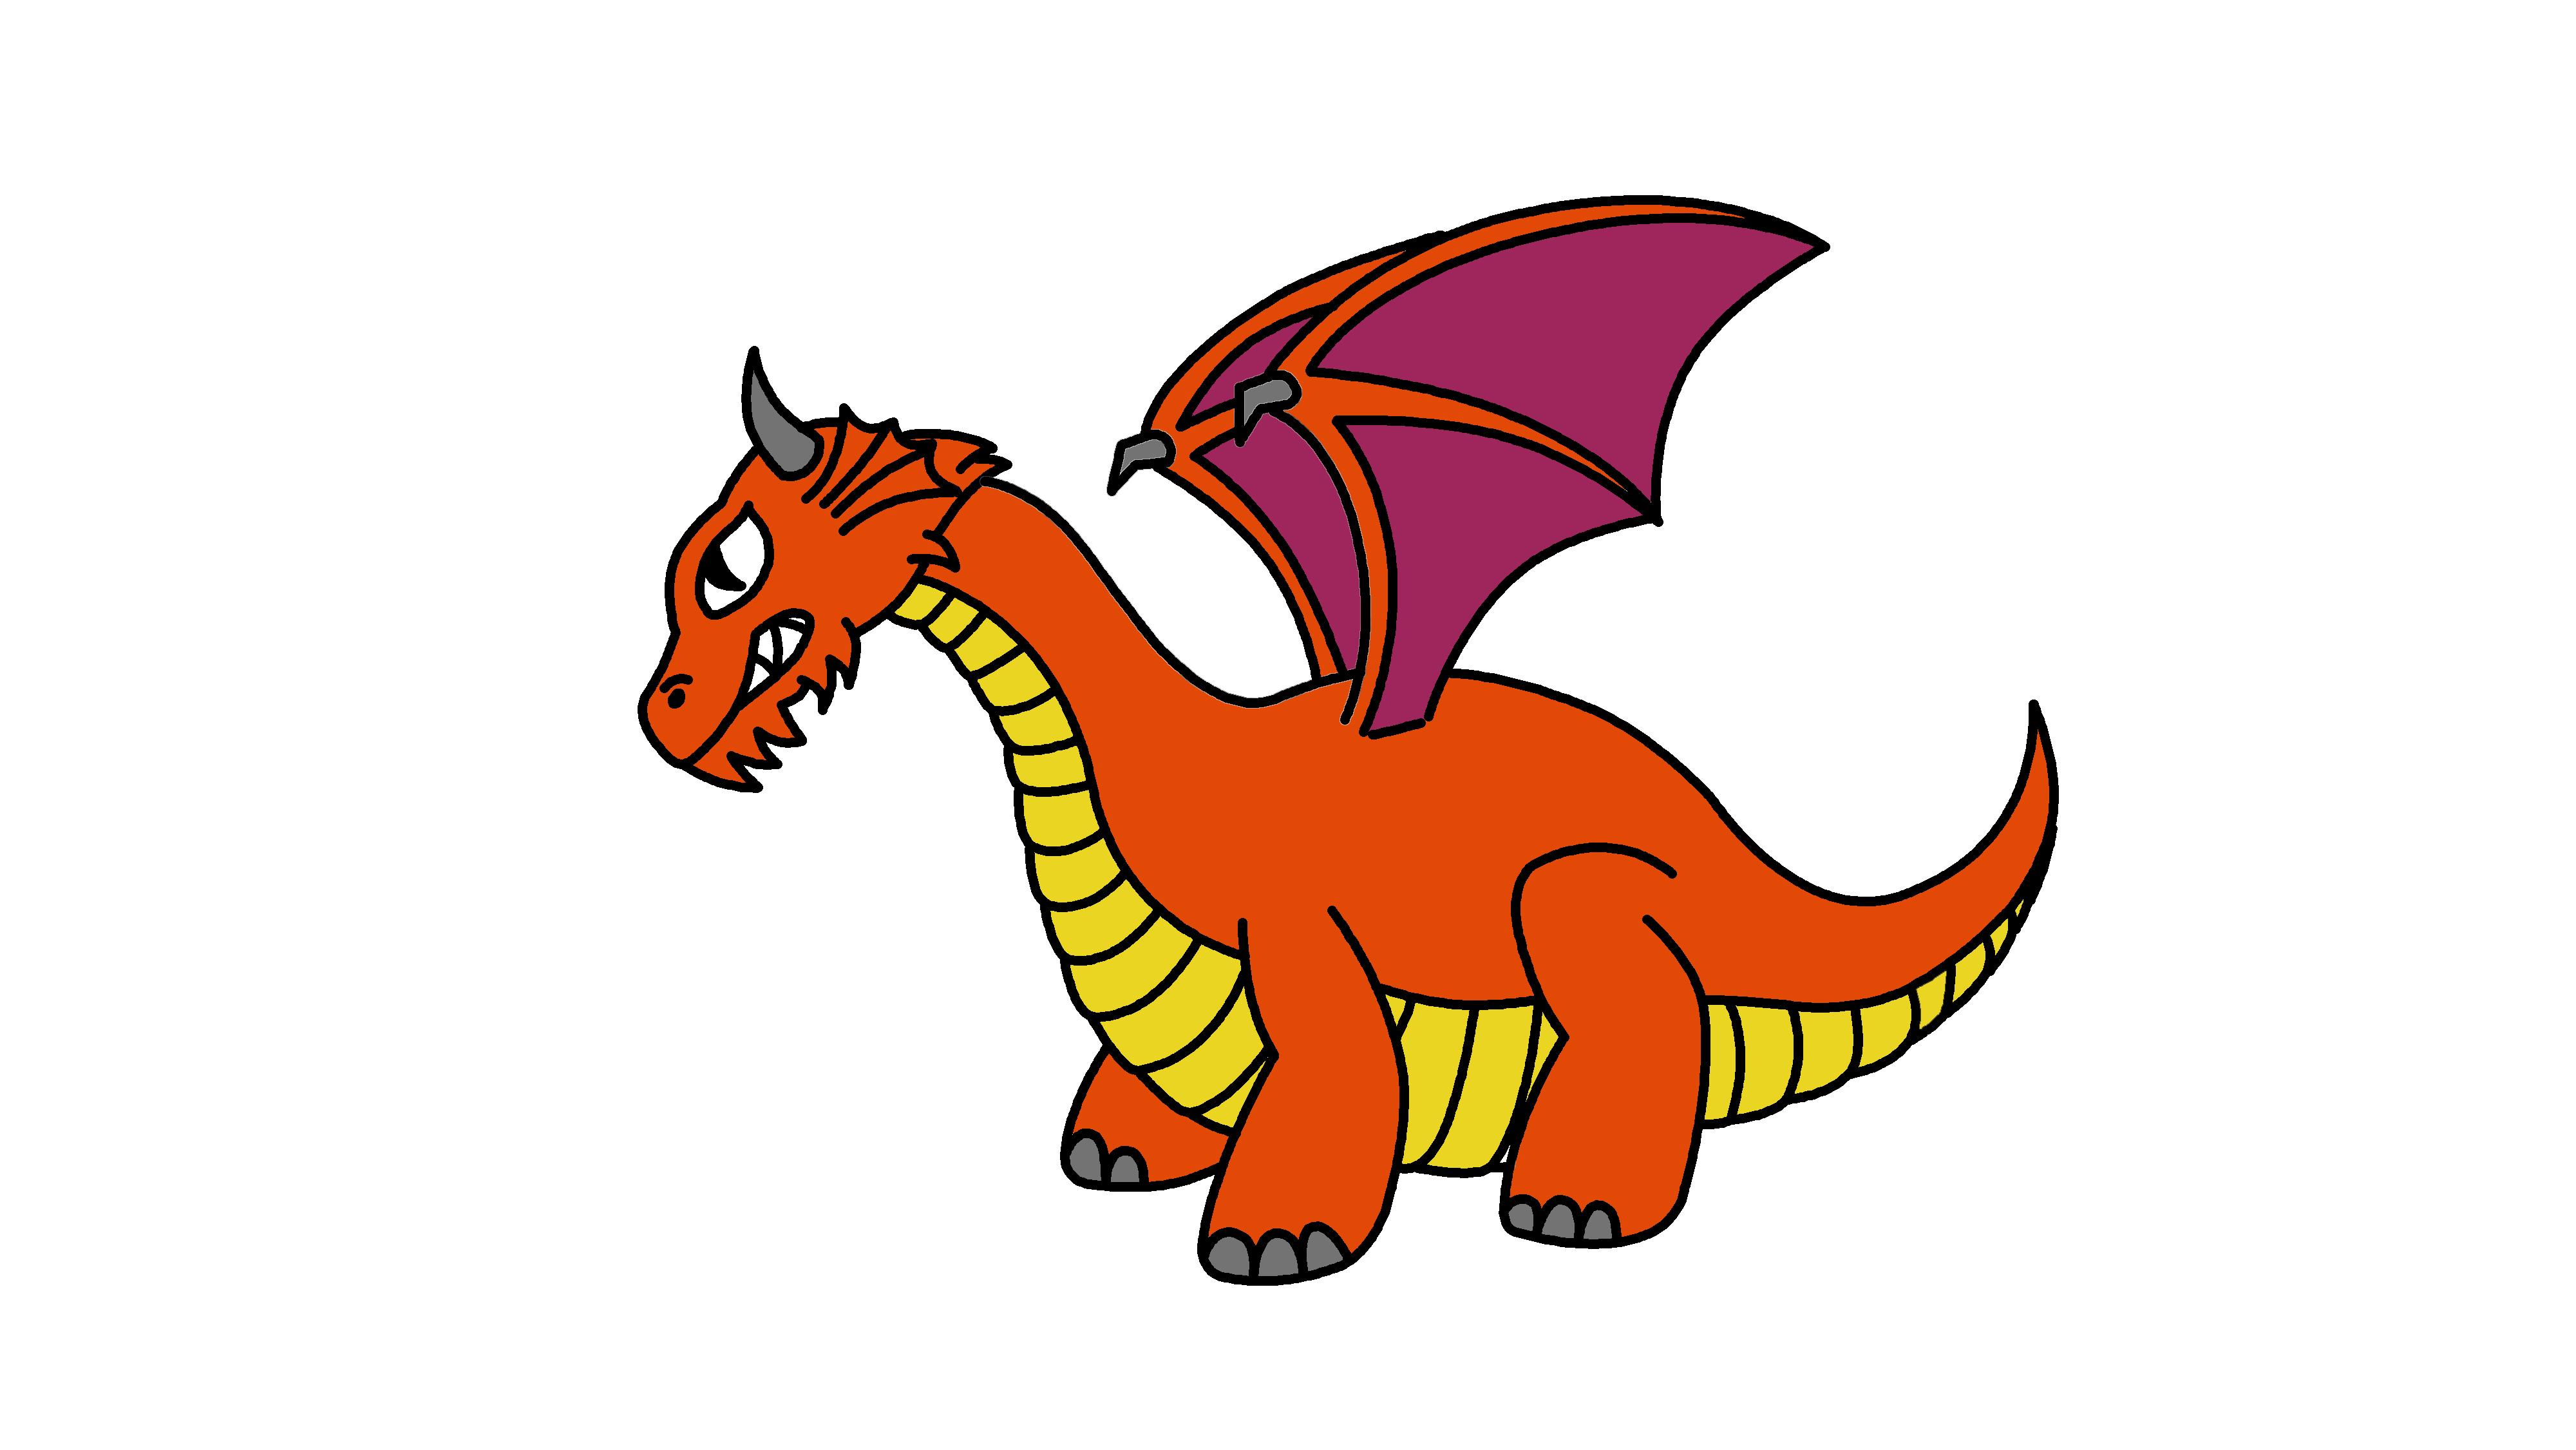 Cartoony dragon